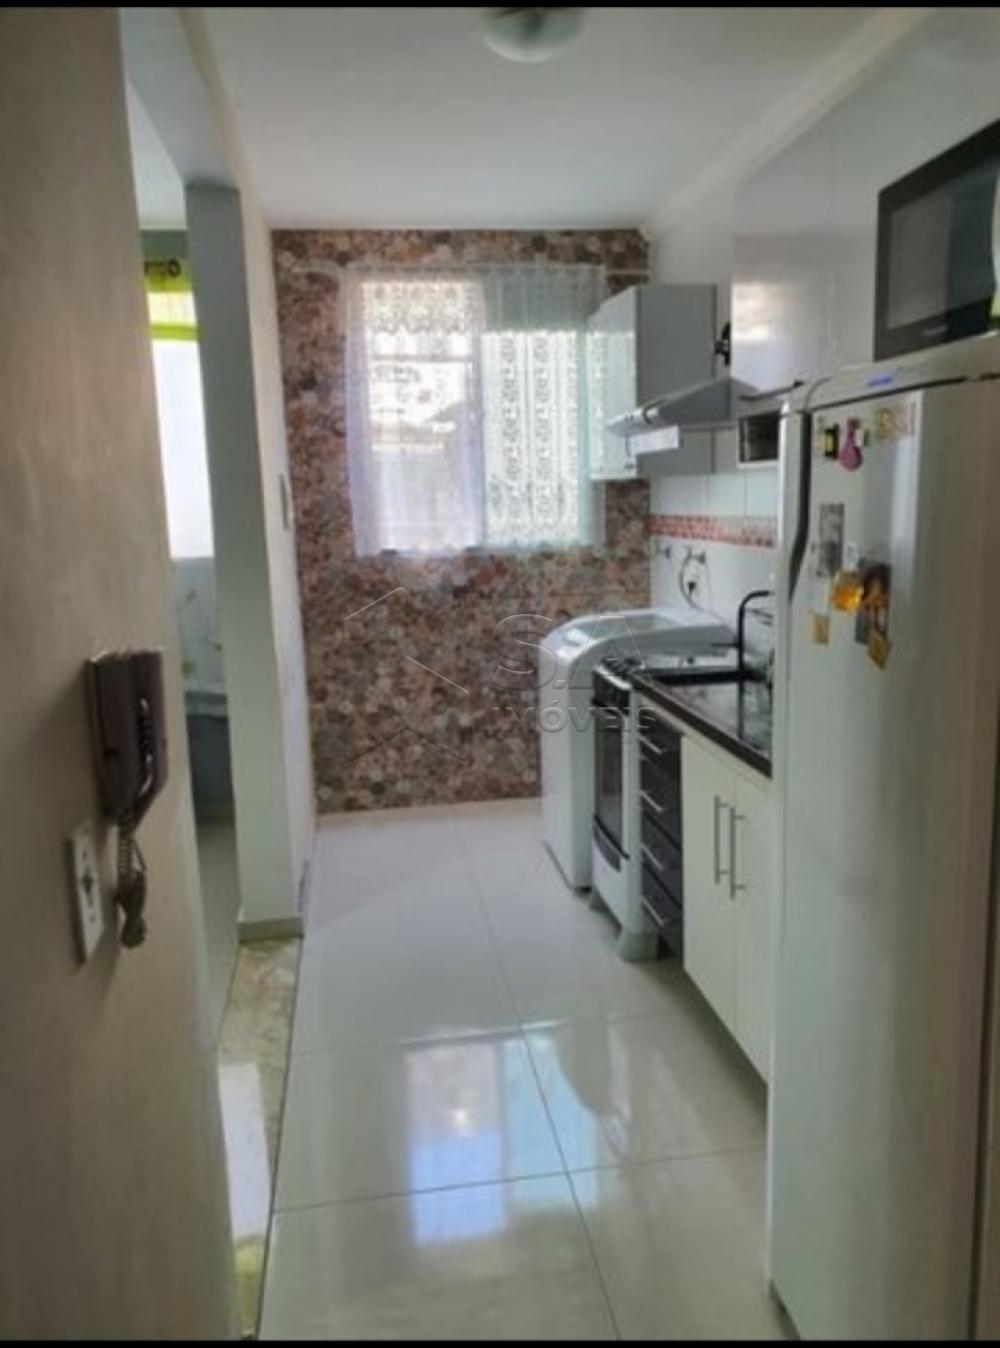 Comprar Apartamento / Padrão em Botucatu apenas R$ 135.000,00 - Foto 7